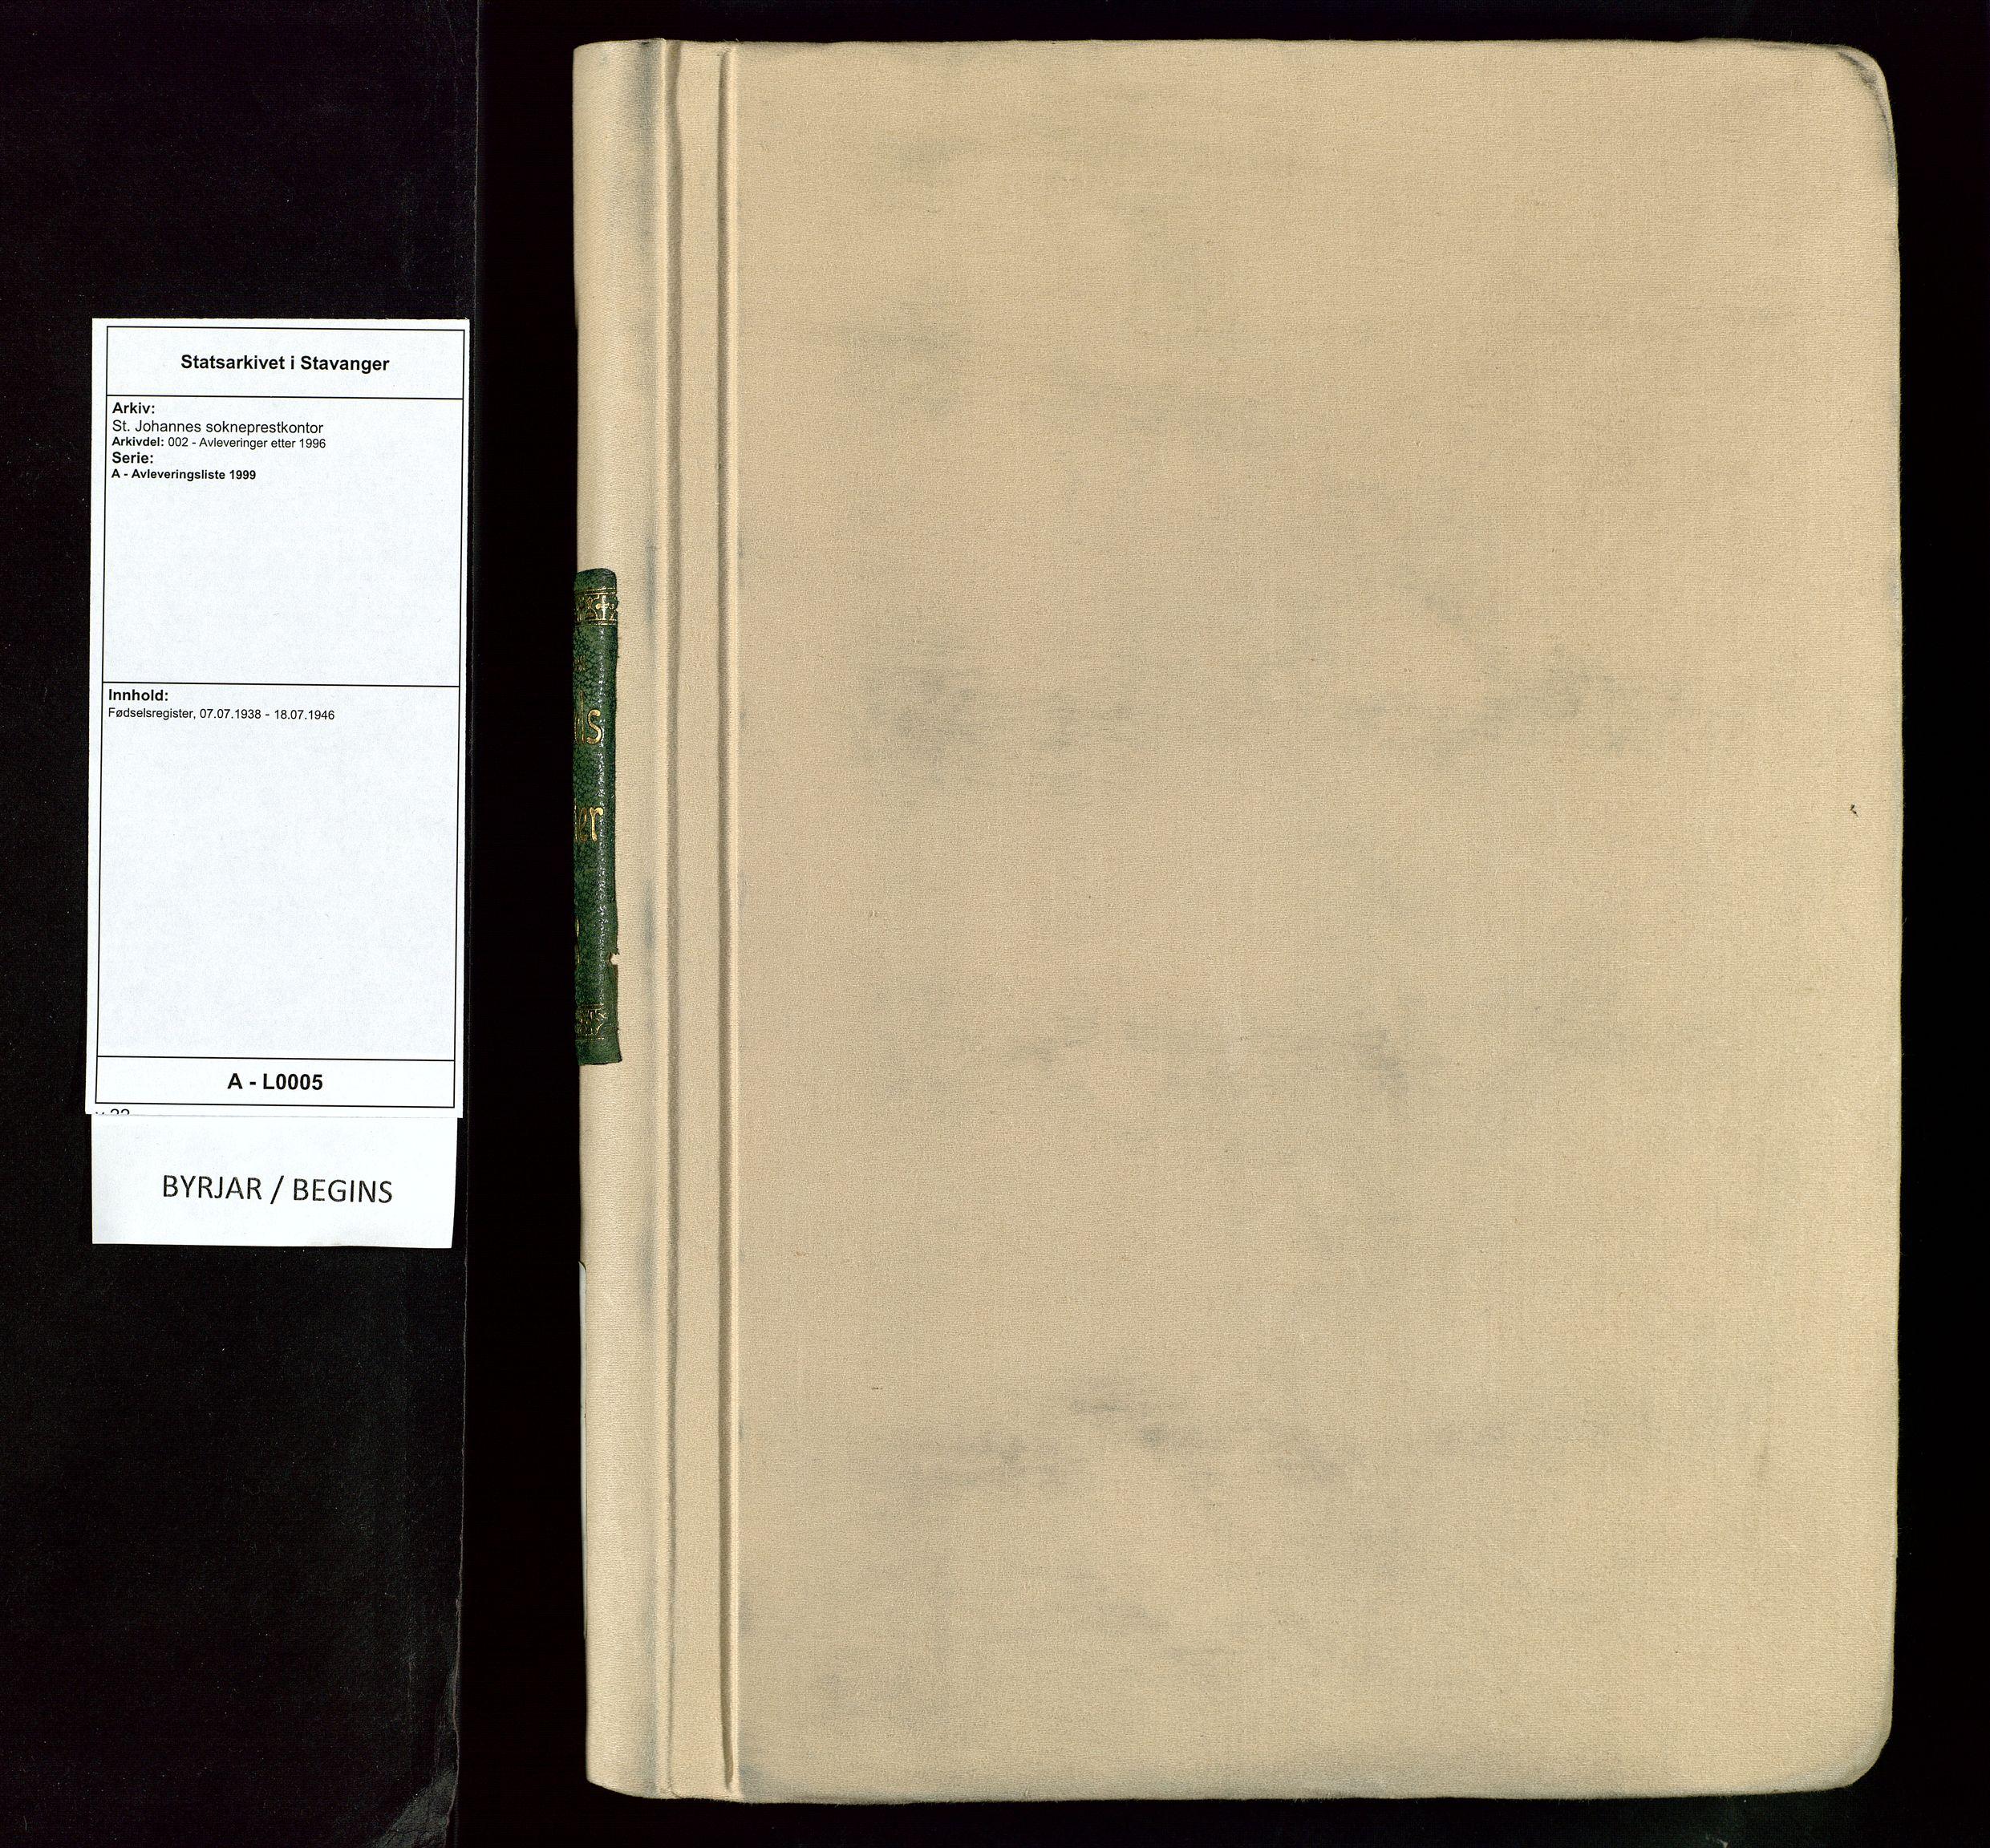 SAST, St. Johannes sokneprestkontor, 904CA/904/904CA: Fødselsregister nr. 5, 1938-1946